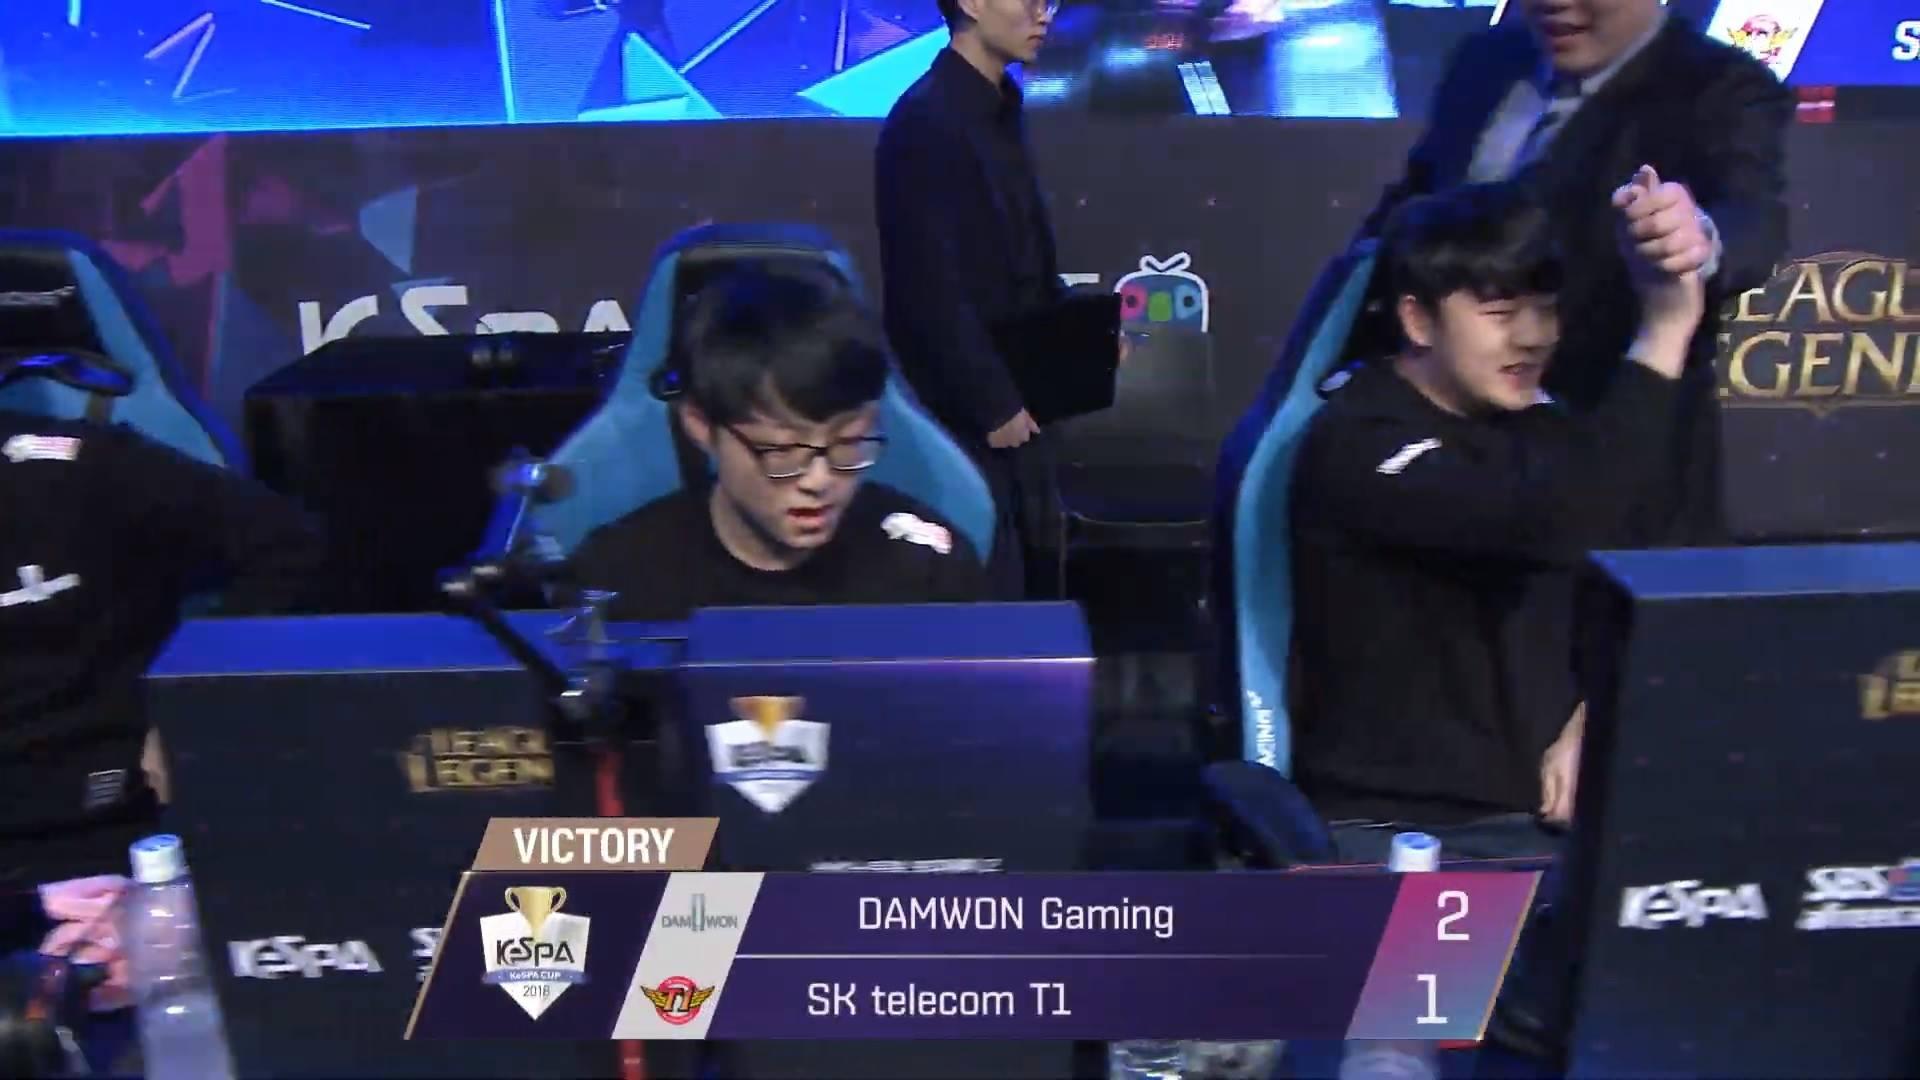 KeSPA Cup 2018: DAMWON Gaming vs SK Telecom T1